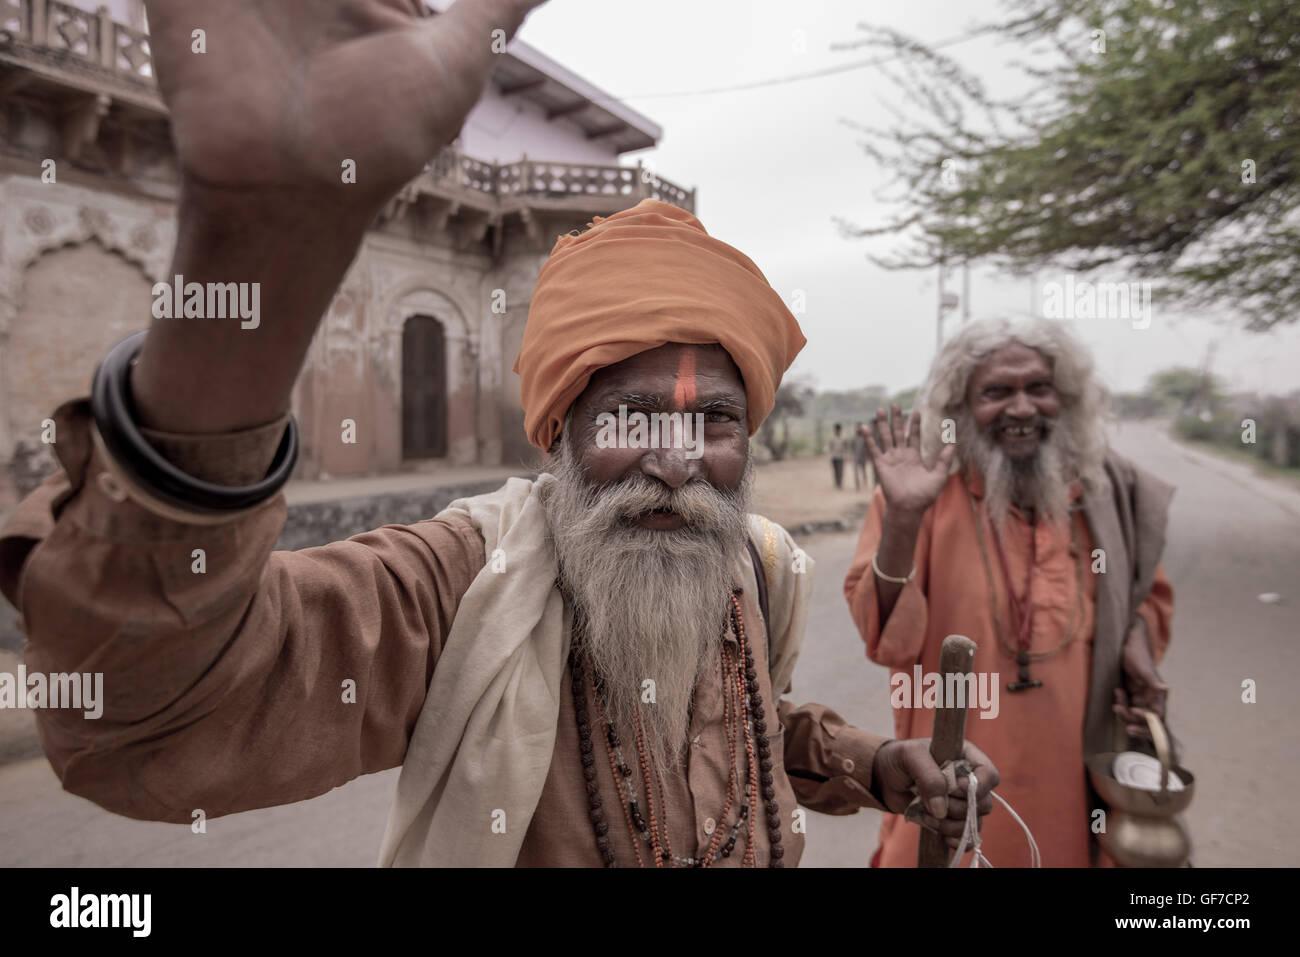 Indische Männer Charakter